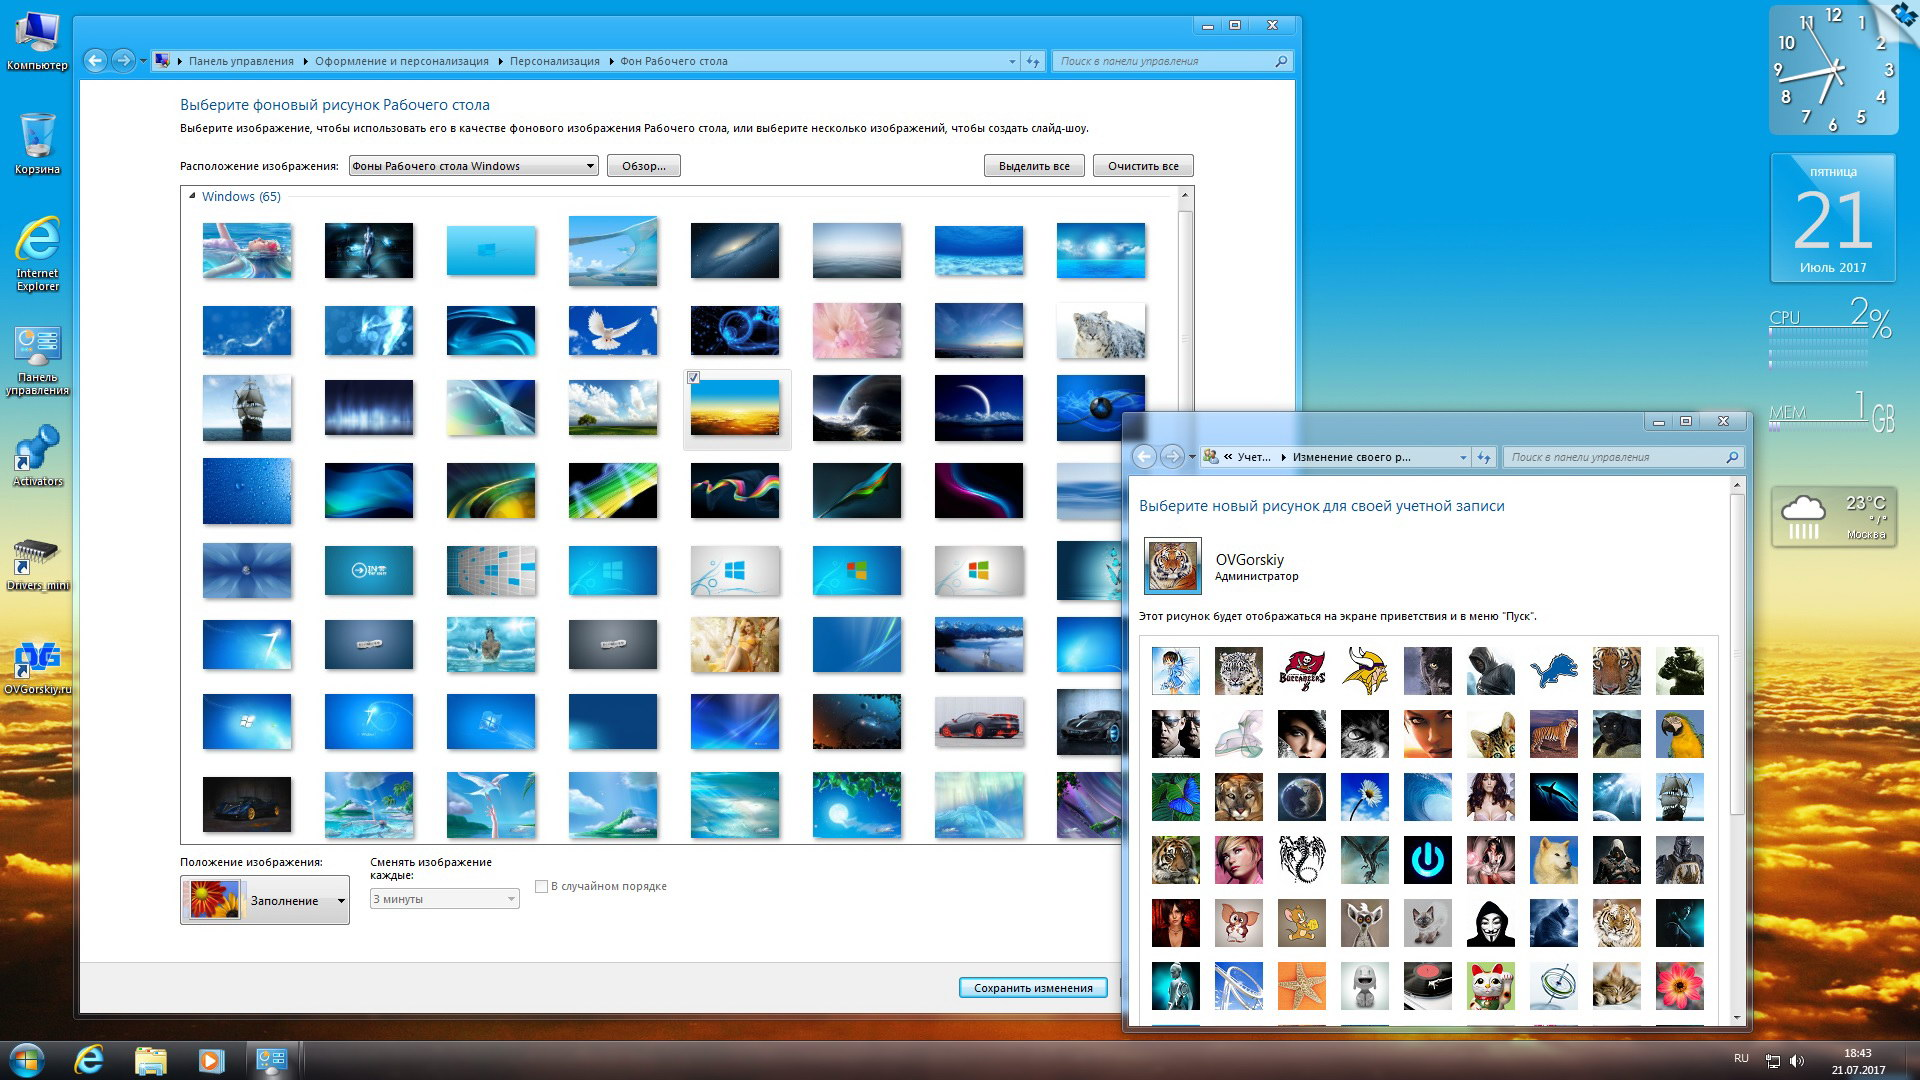 Как в windows 7 сделать поиск фотографий в windows